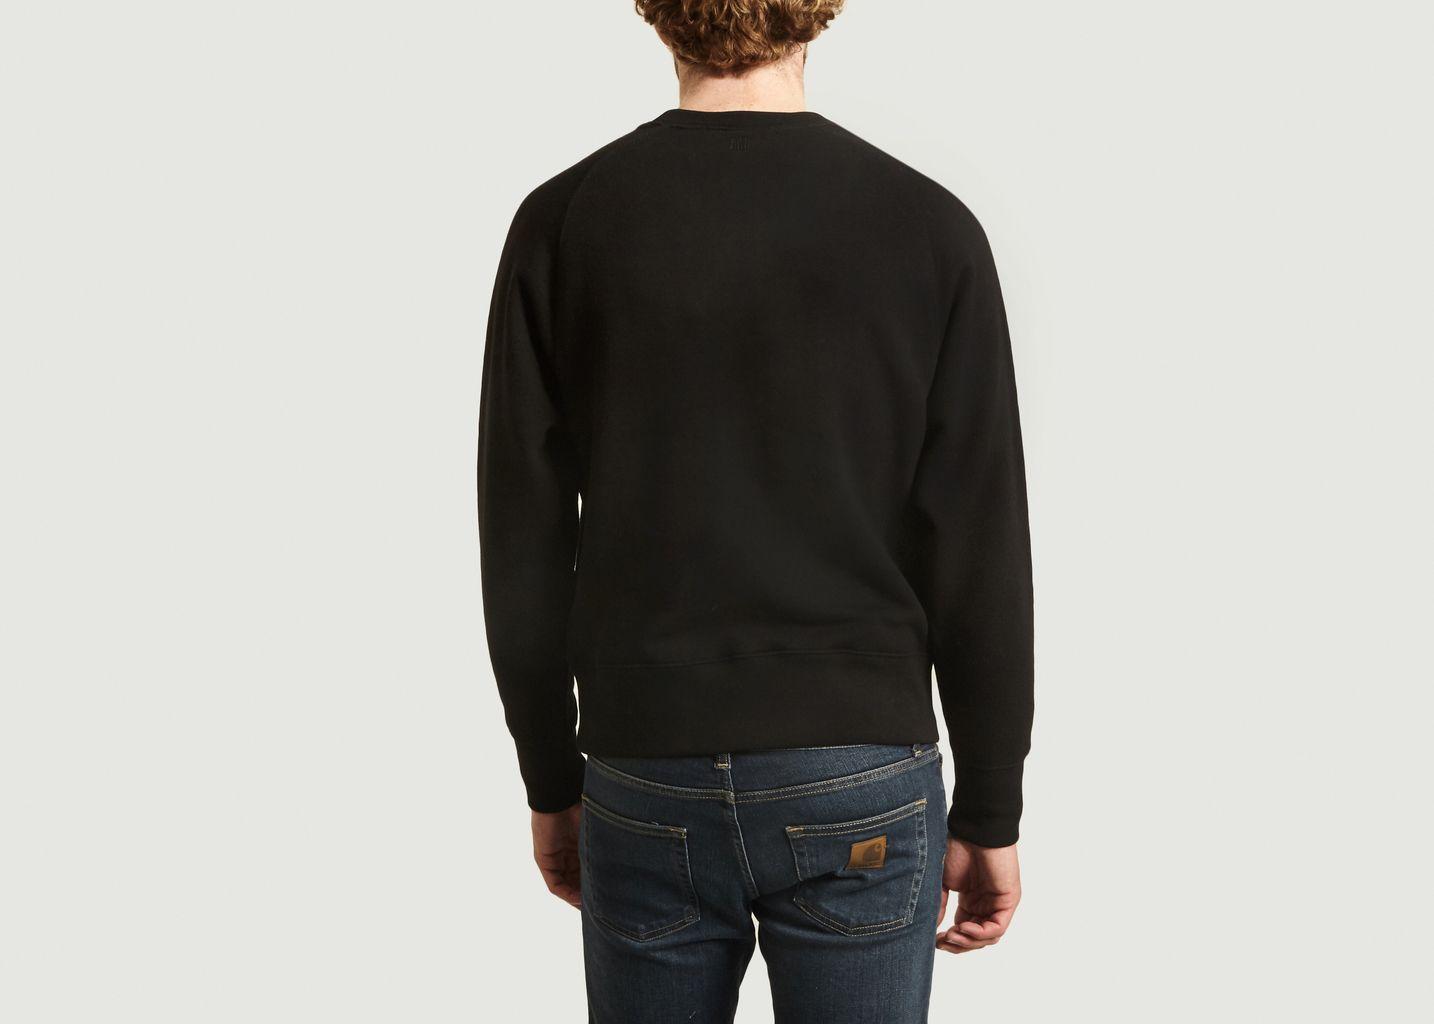 Sweatshirt Ami de Coeur point chaînette - AMI Paris